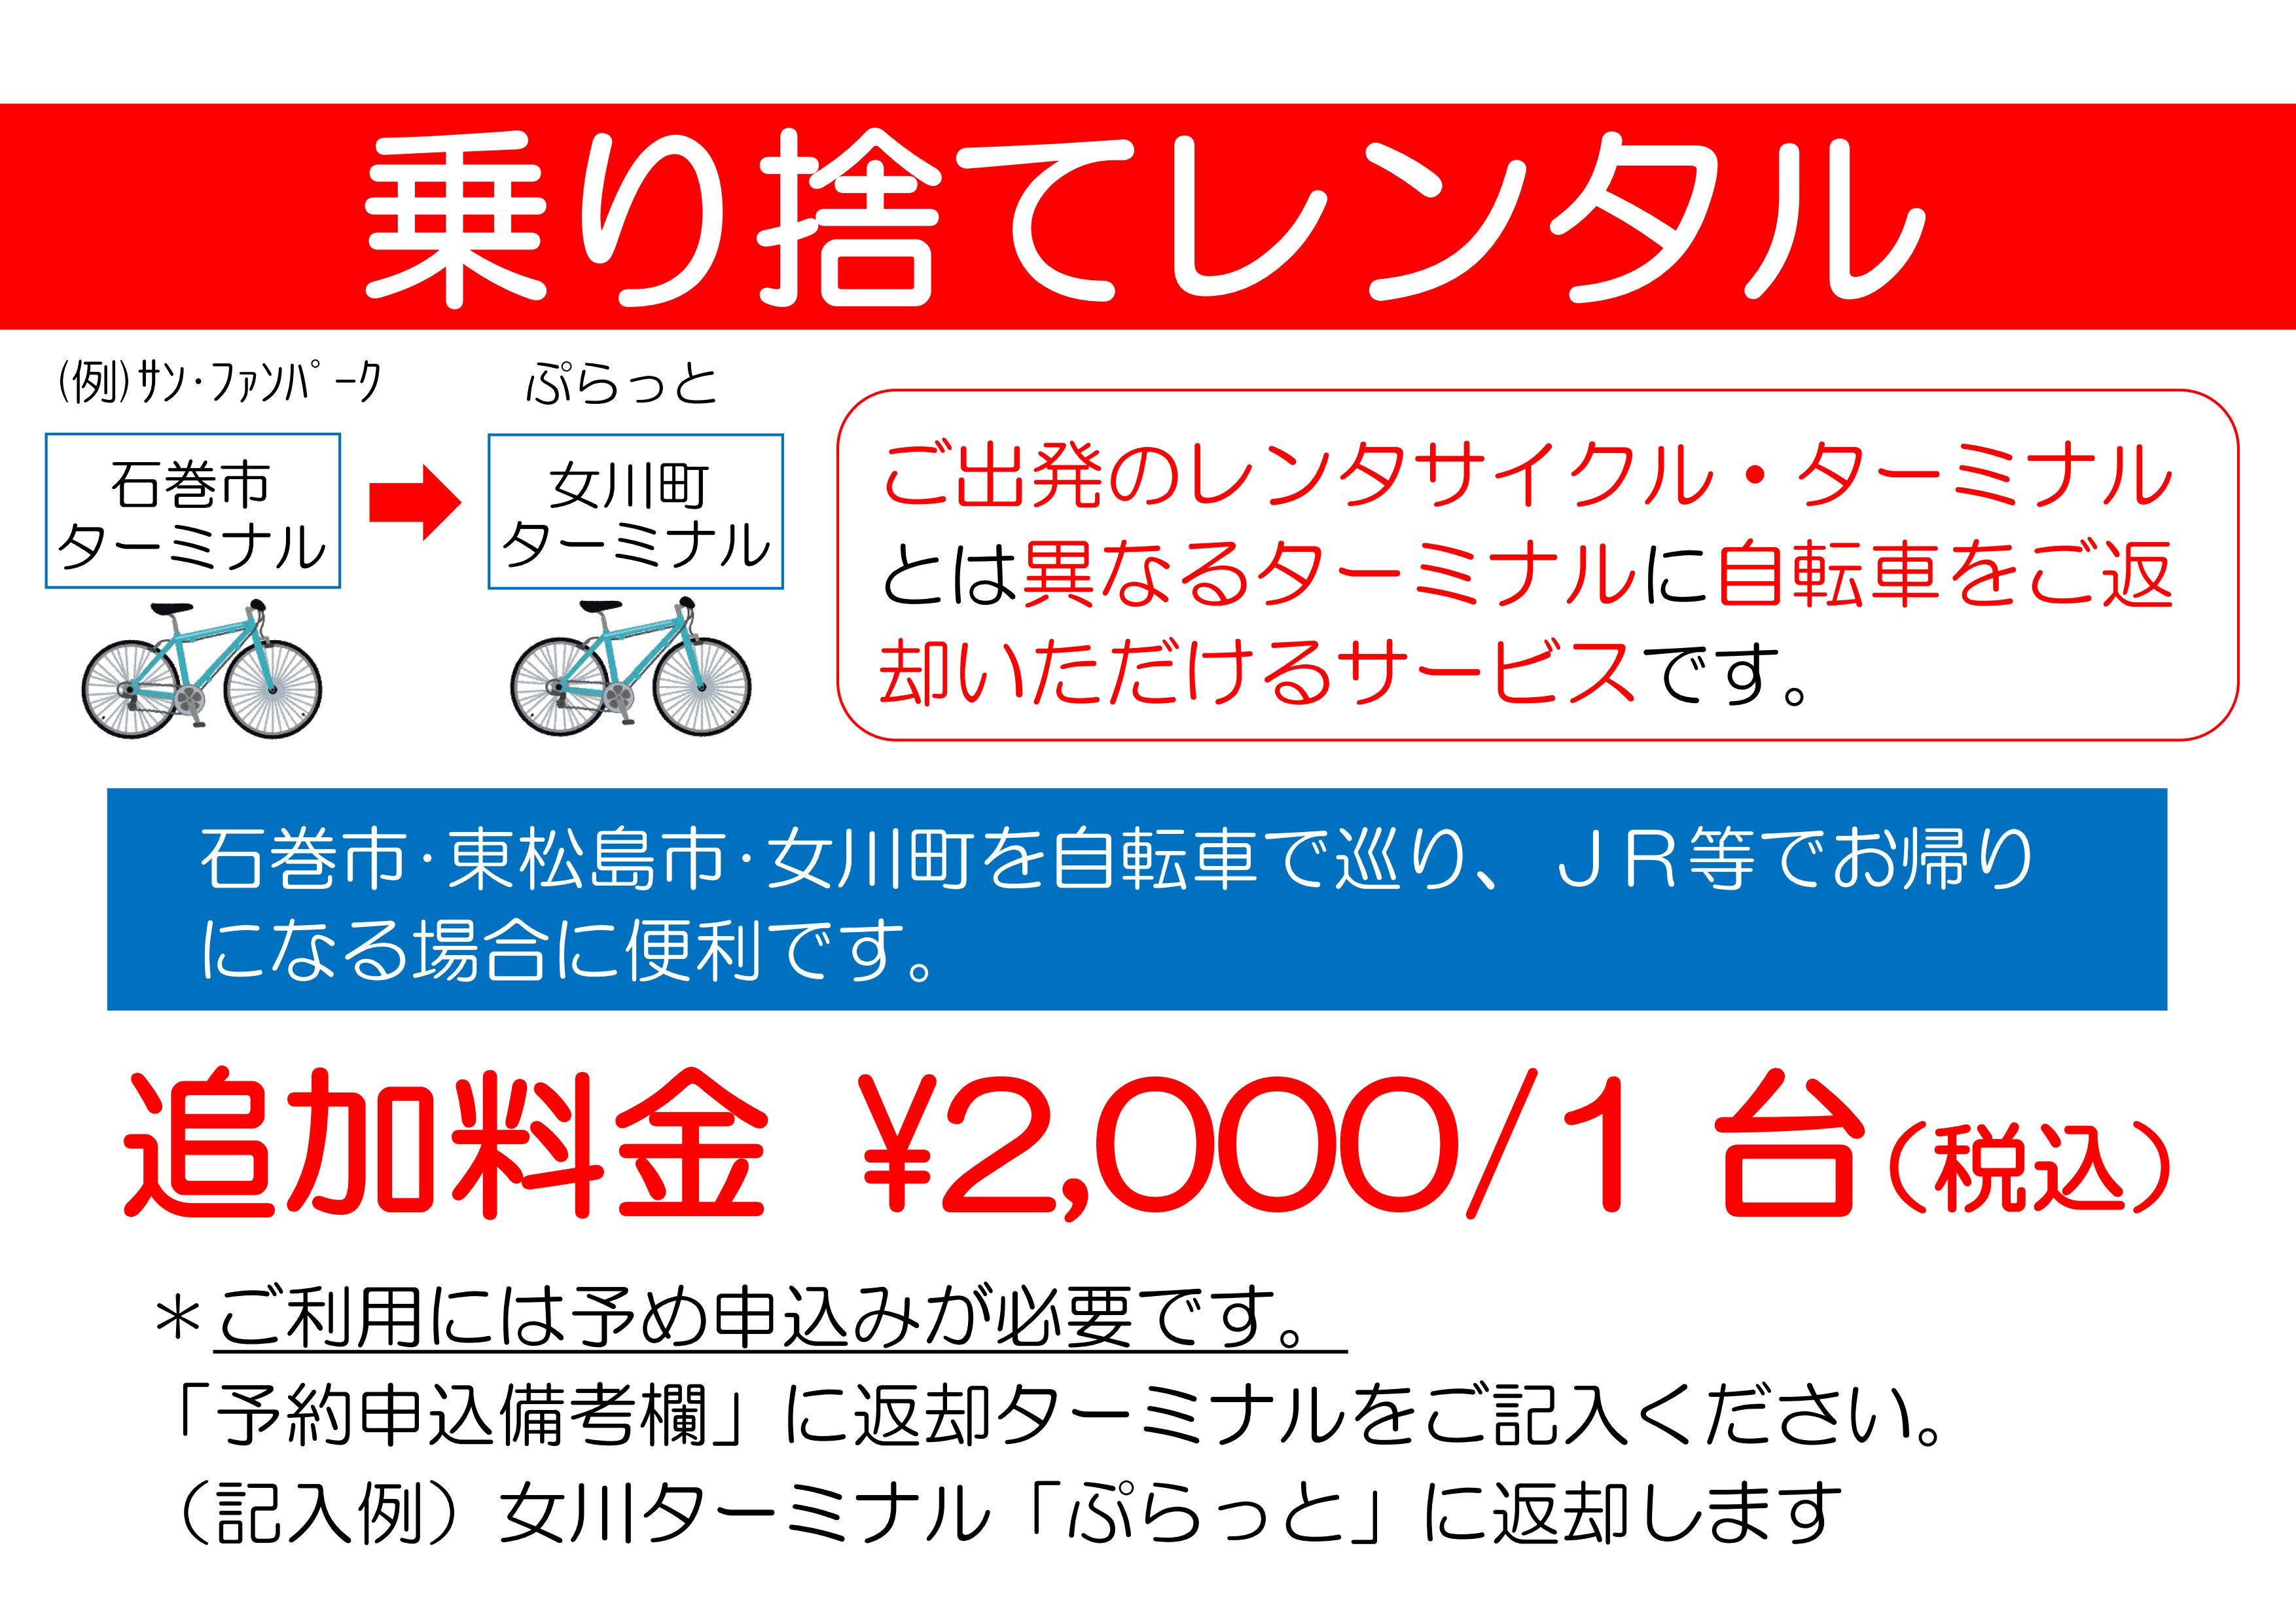 【東松島市】あおみな 一般XSタイプ 1日1台限定【コース番号:80701】